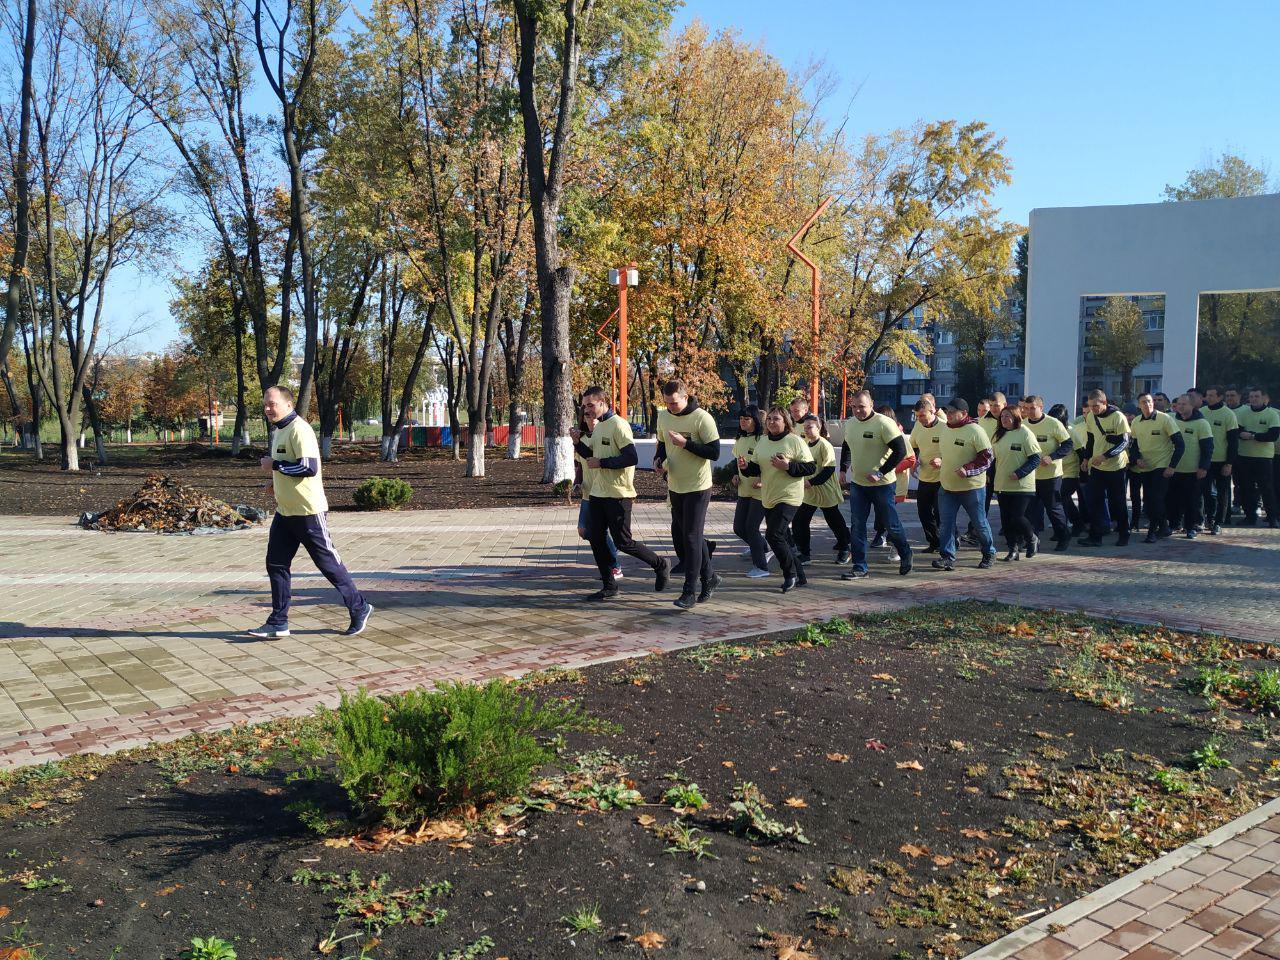 Правоохоронці Покровської оперативної зони взяли участь у марафоні до Дня захисника України, фото-2